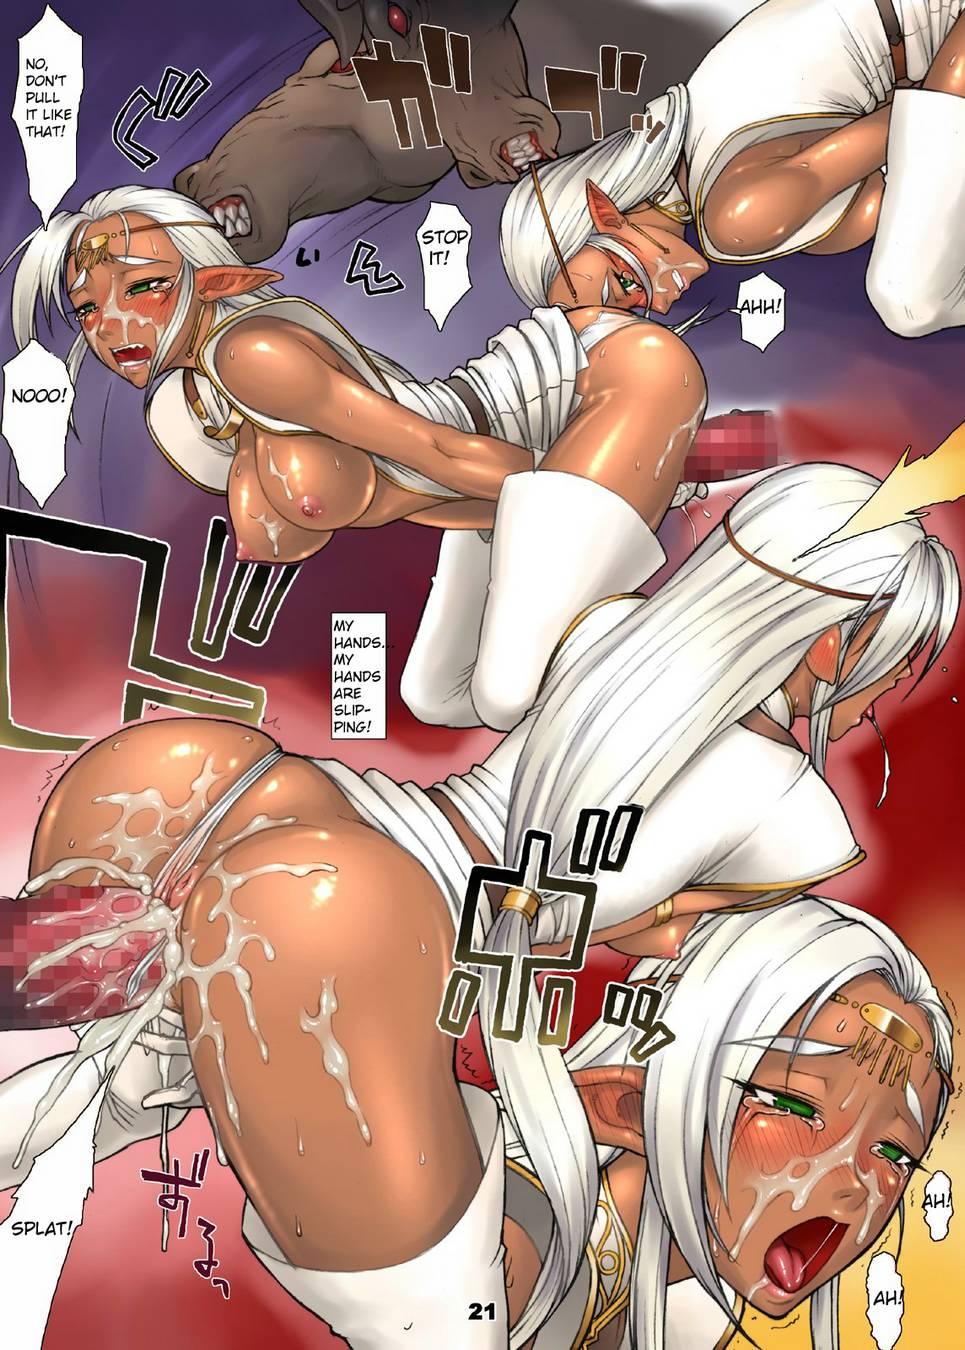 Manga monster porn exploited film